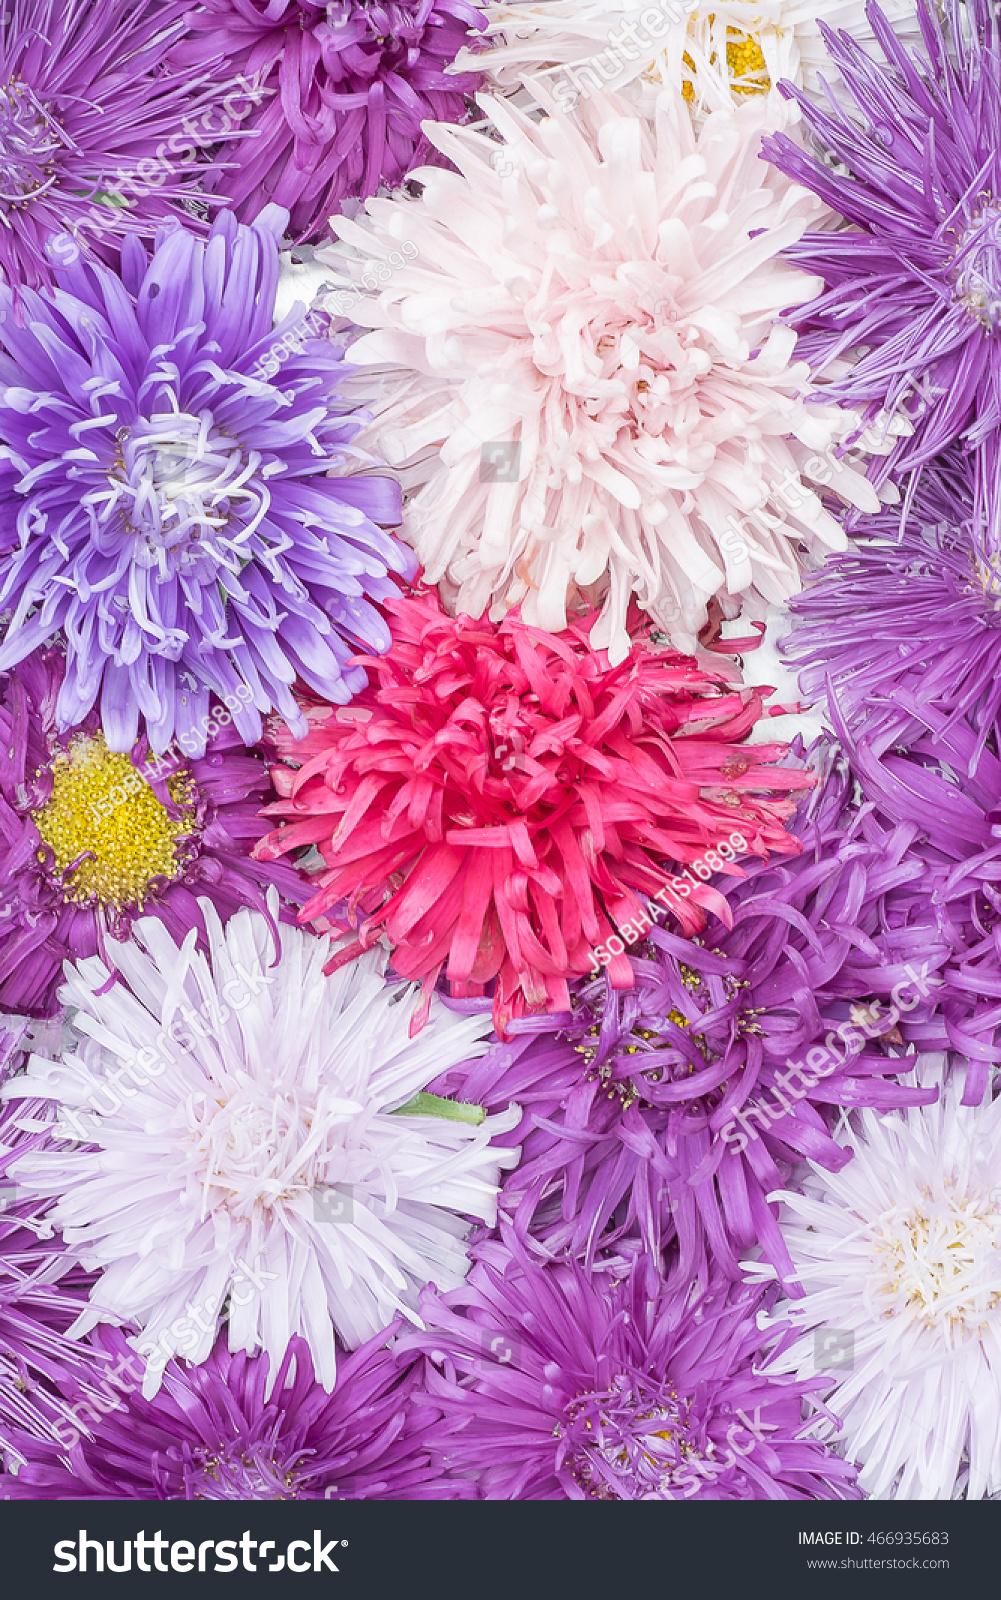 The Aster Flower In One Of Flowering Plant In Daisy Familyusing For